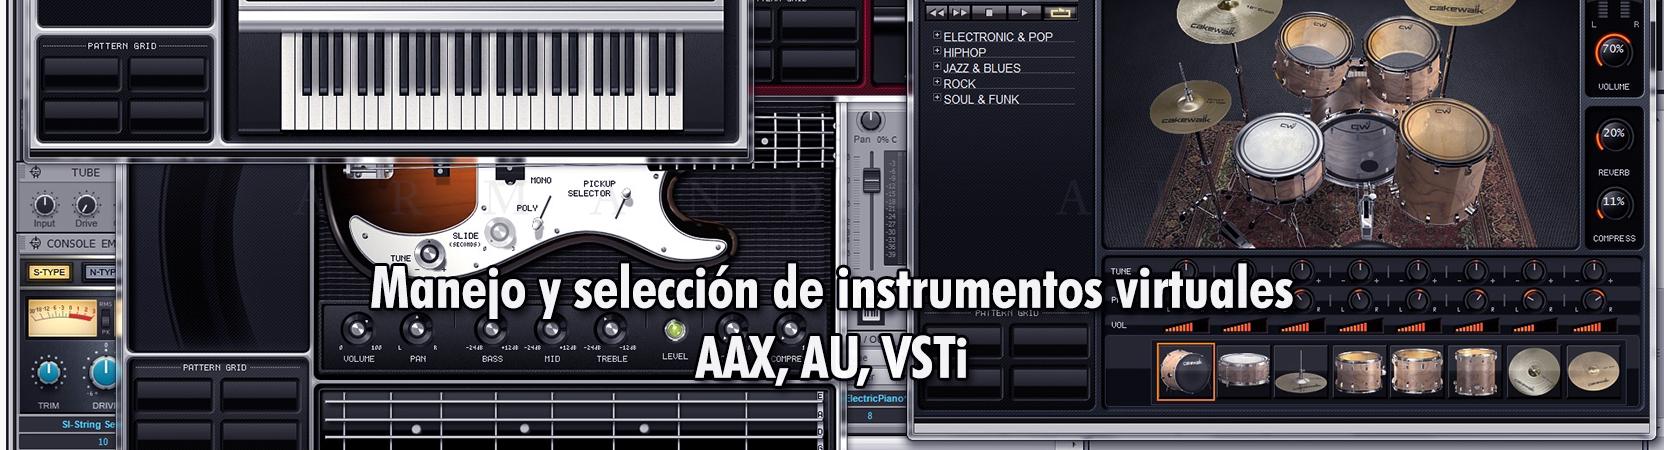 Imagen_para_página_Wix_-_audio_01-1_(1664x450px)_-_blue20